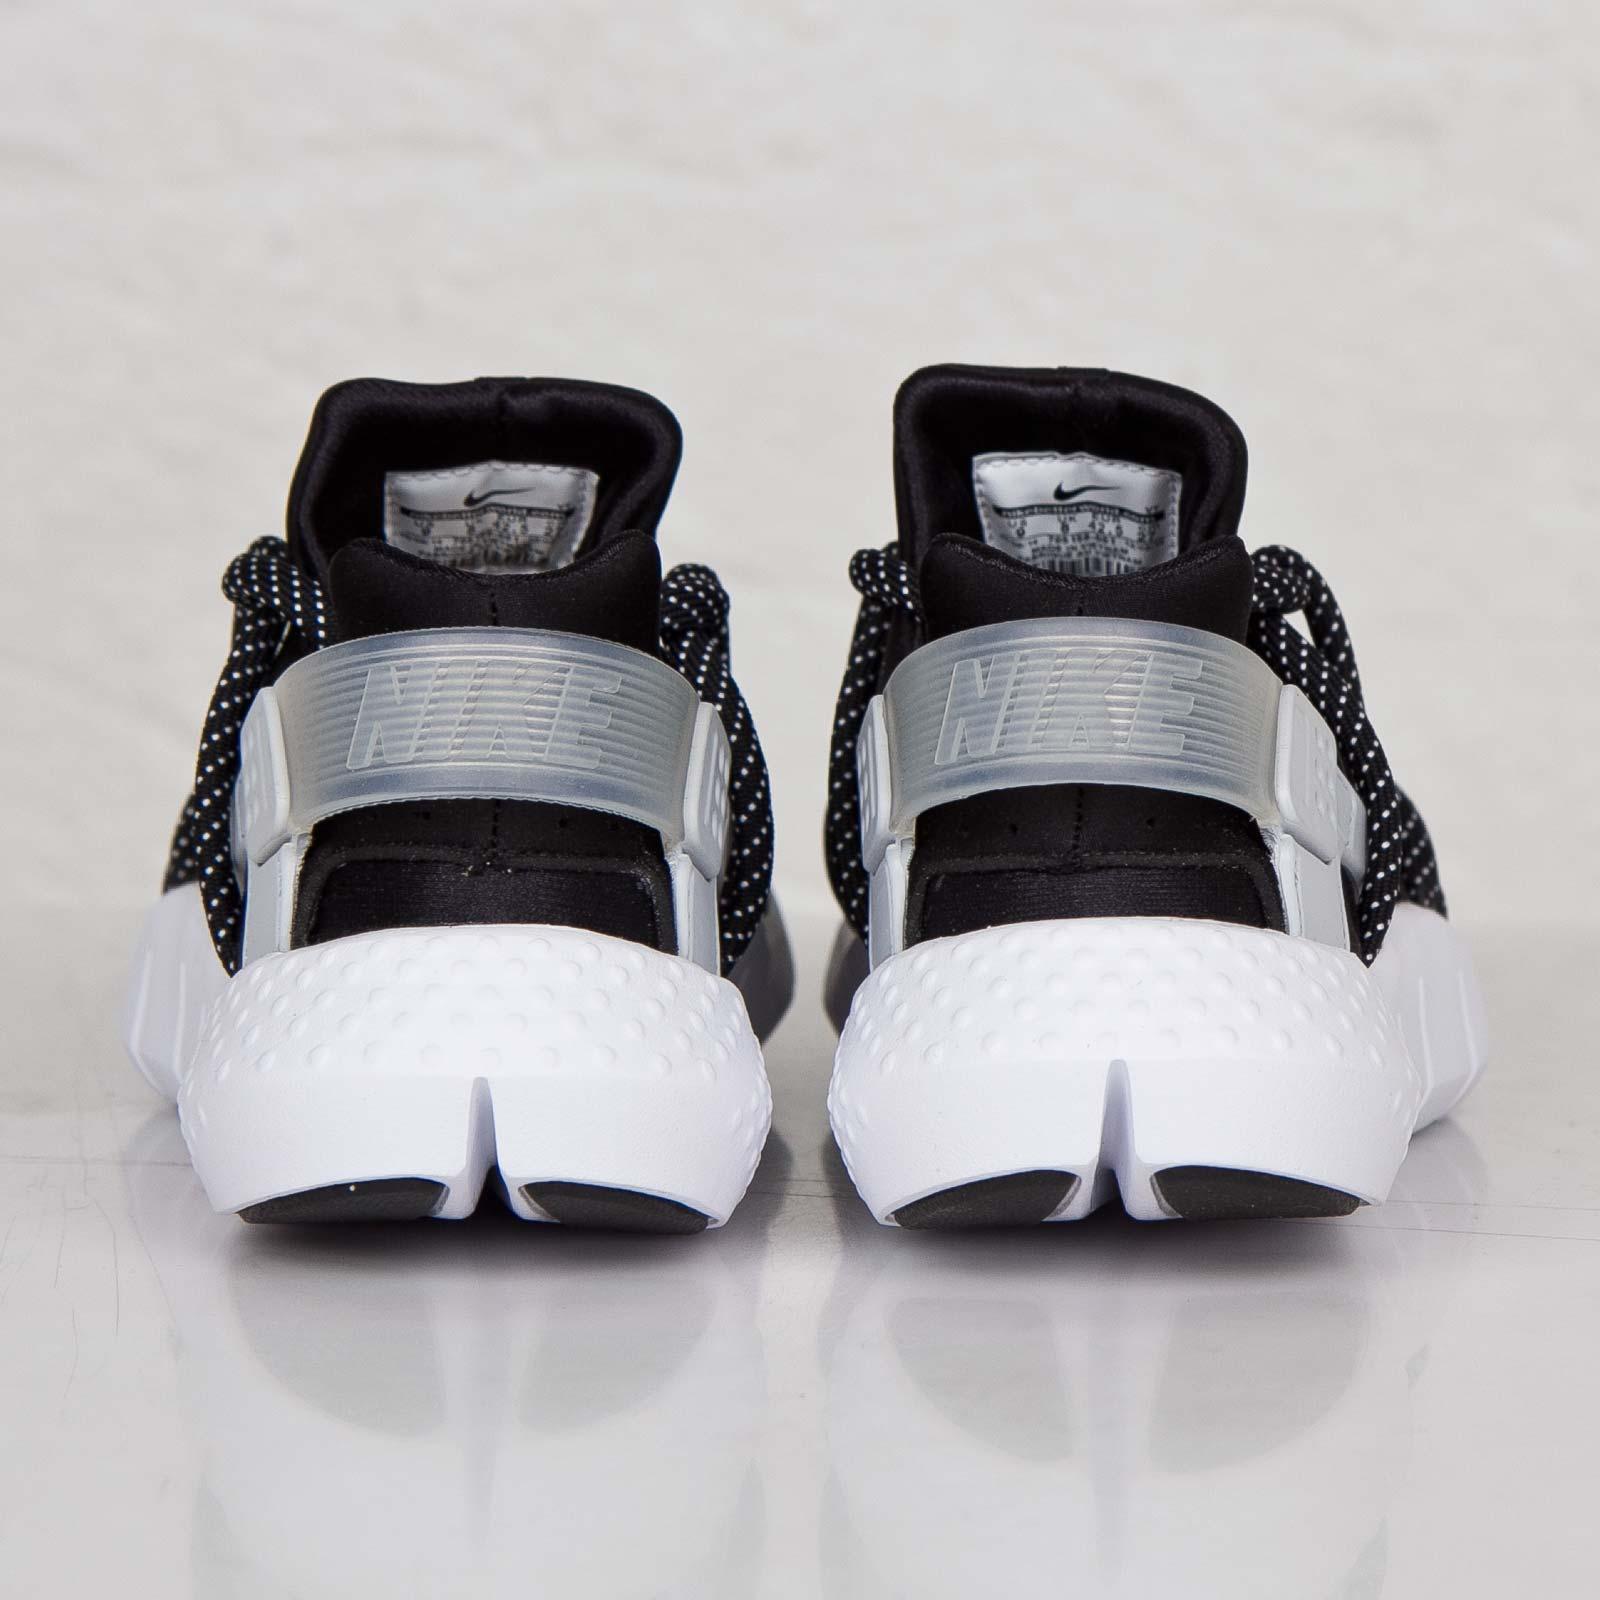 detailed look a2f1e 14dec Nike Huarache NM - 705159-001 - Sneakersnstuff   sneakers   streetwear  online since 1999